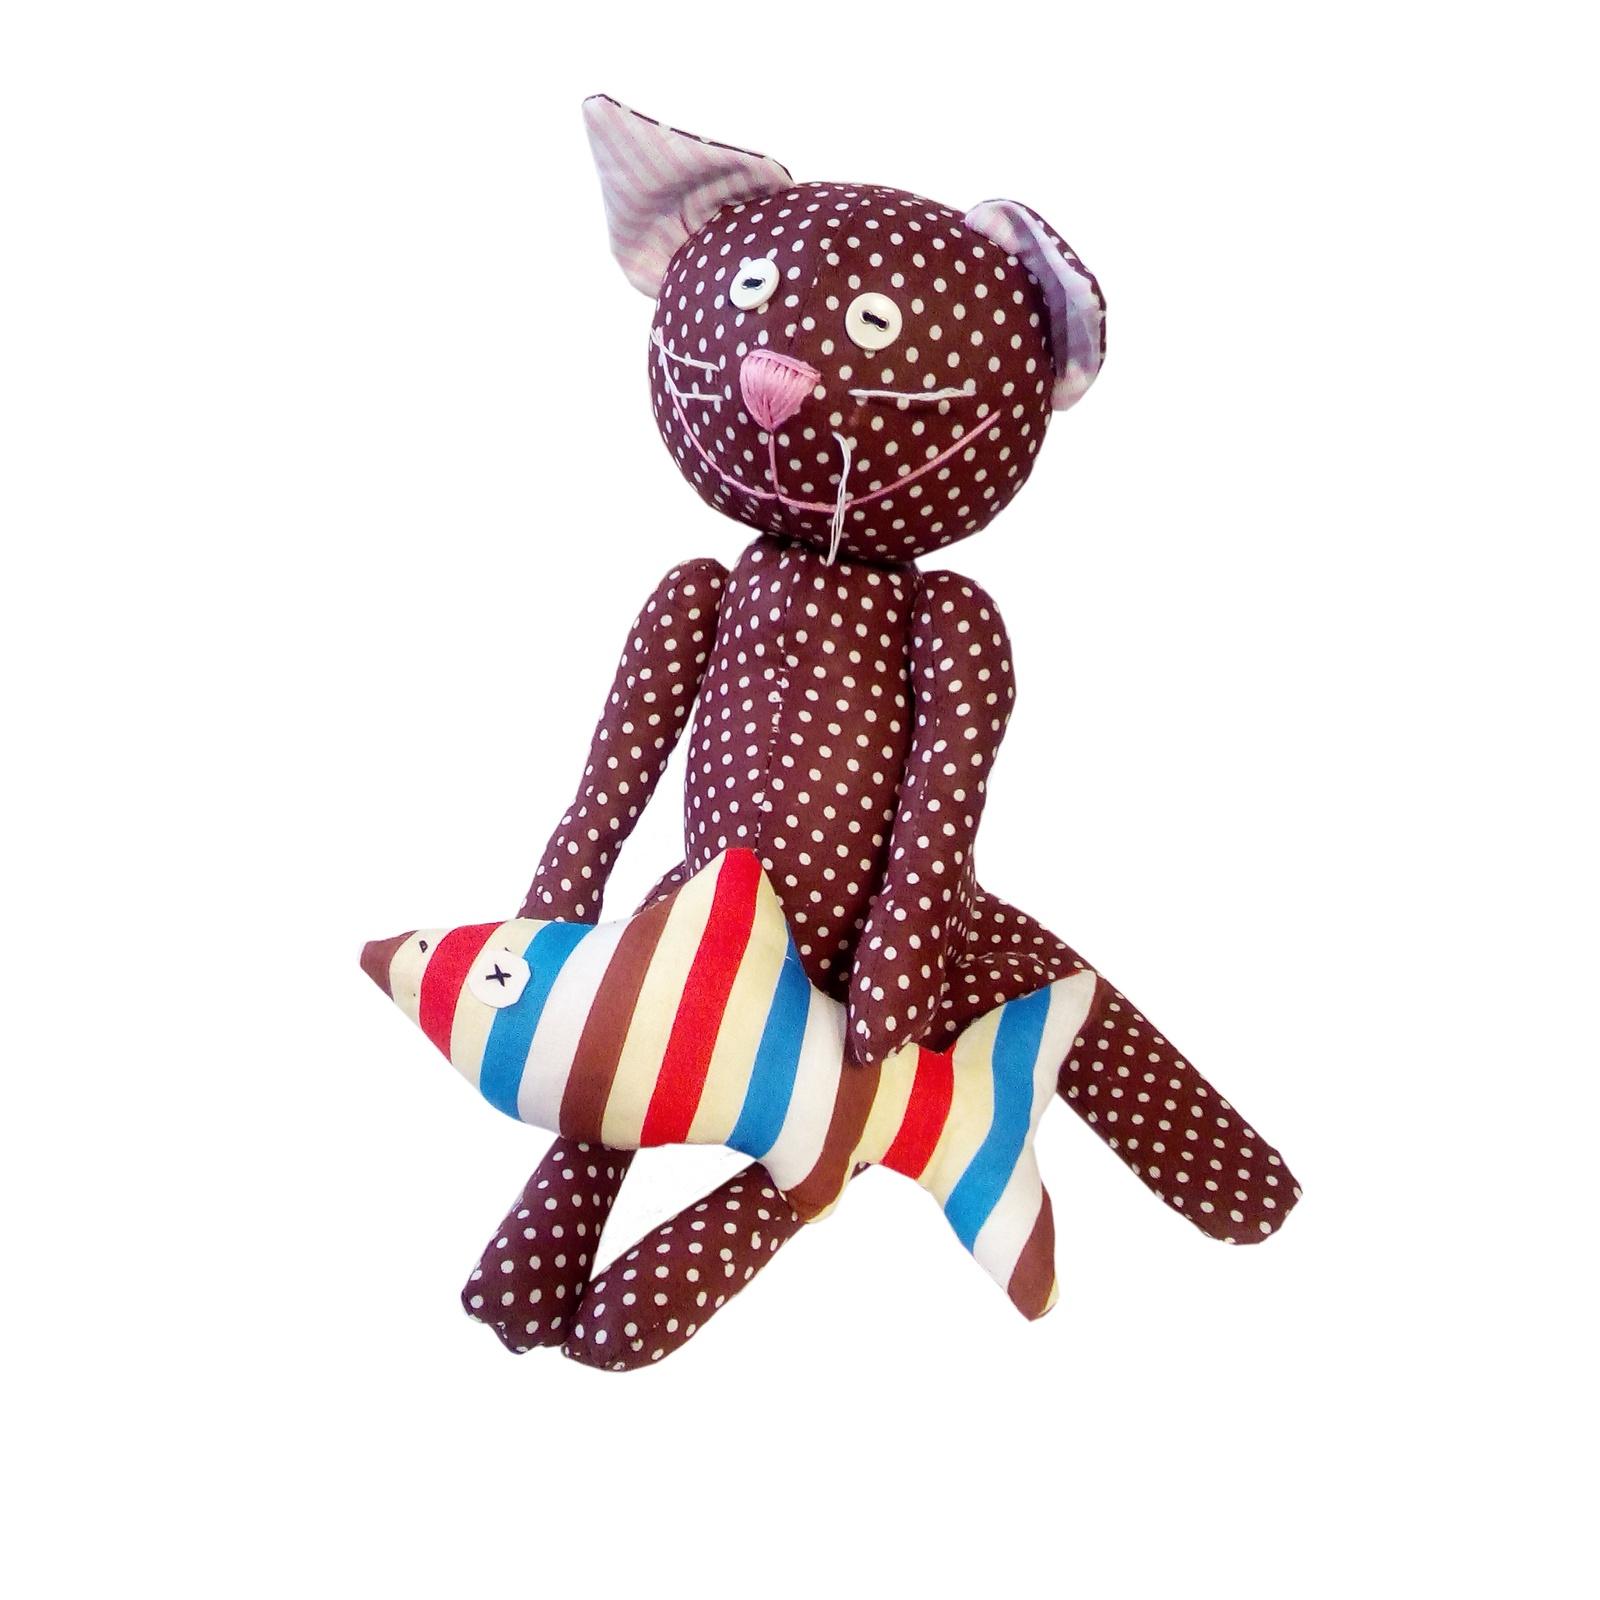 Набор для изготовления игрушки. Кот Лаки- Рыбка Моя, 35 см.